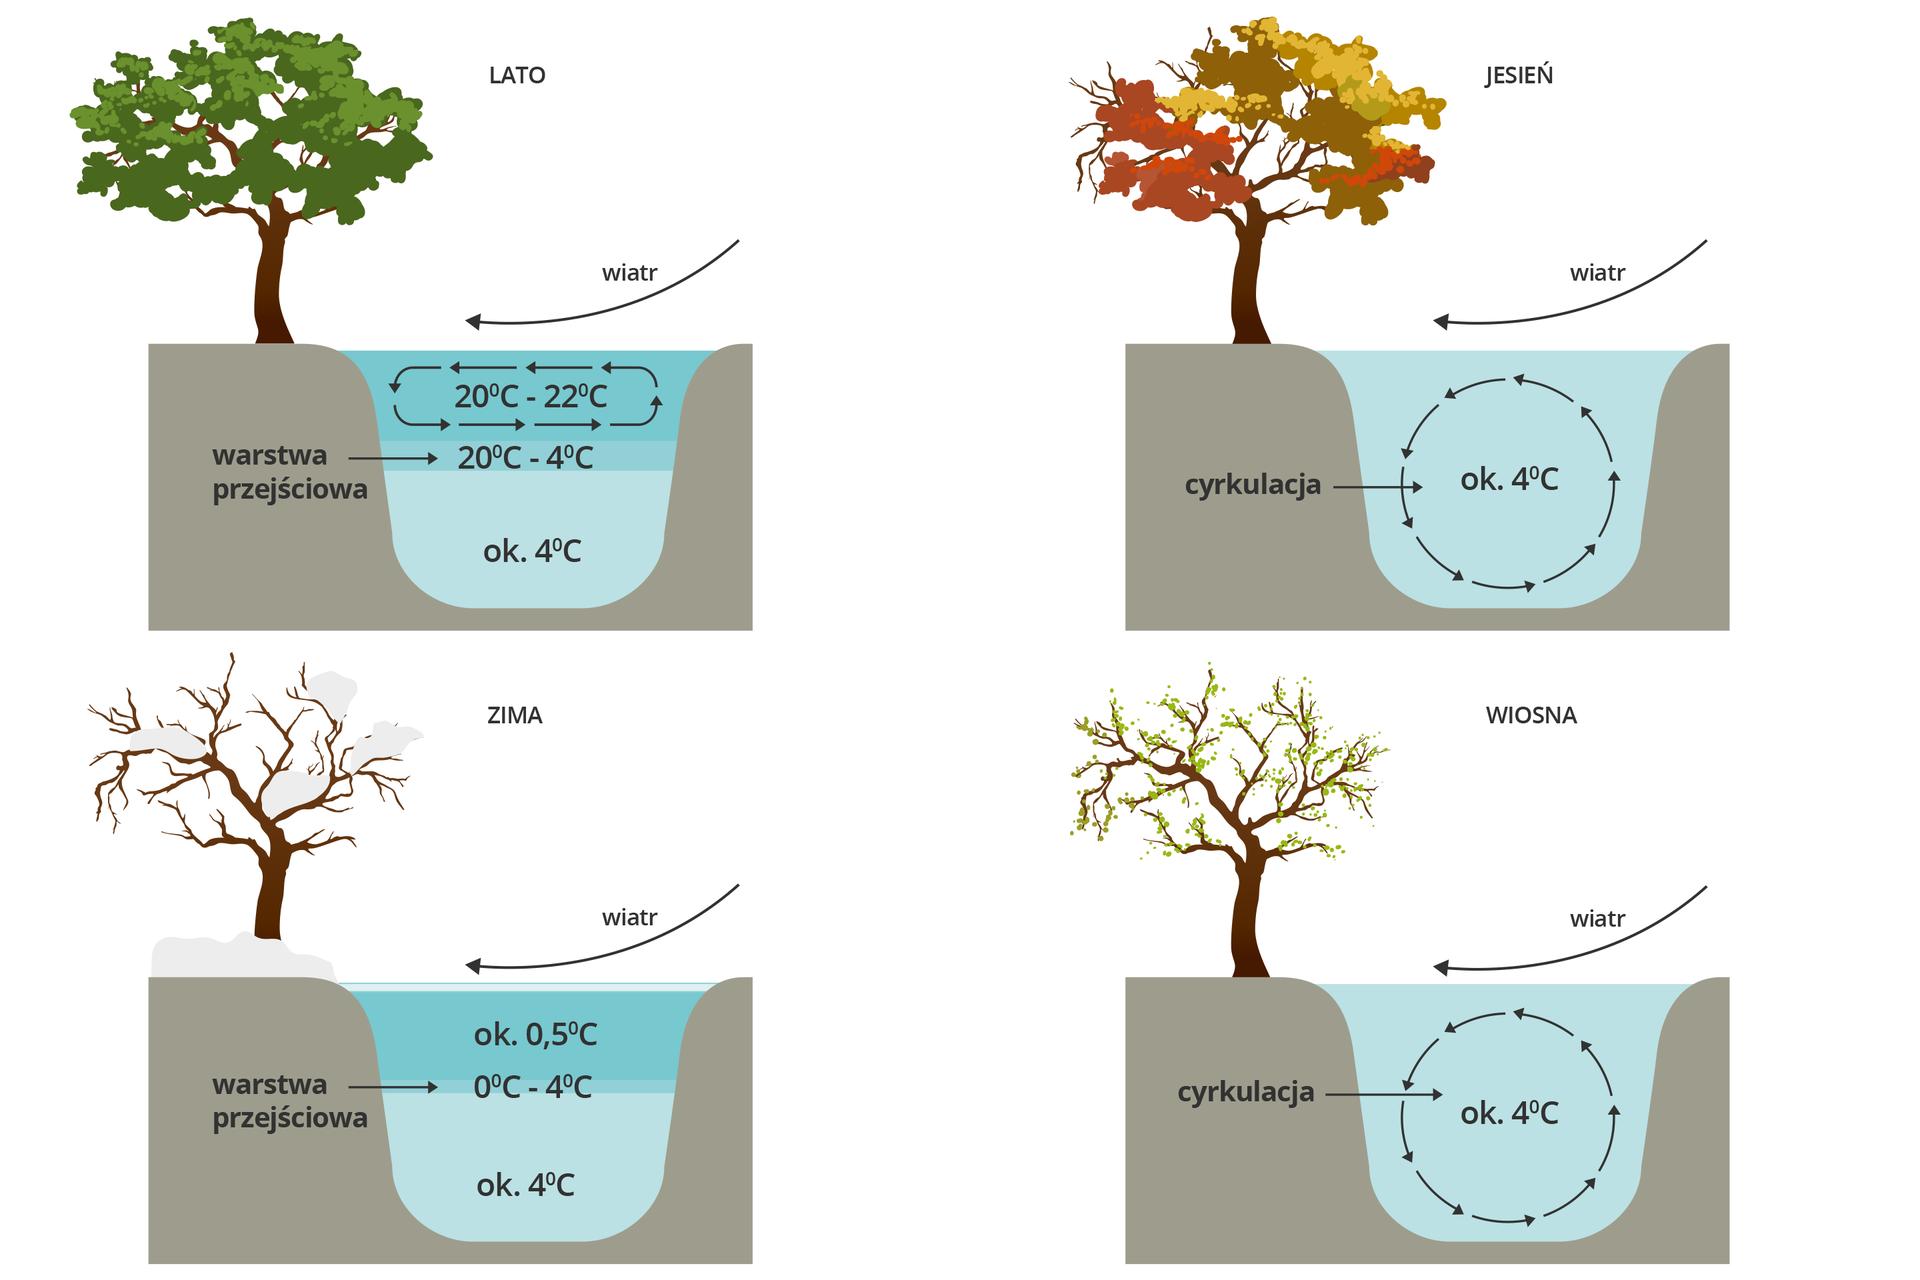 Cztery grafiki przedstawiające zmiany temperatury wody wjeziorze wzależności od pór roku. Każda grafika prezentuje przekrój przez zagłębienie jeziora, na brzegu którego znajduje się drzewo. Wlewym górnym rogu pokazano lato. Woda przy dnie ma około 4⁰C, wyżej znajduje się warstwa przejściowa otemp. od 20 do 4⁰C, przy powierzchni jest warstwa cyrkulacji wody oznaczona strzałkami od temp 20 do 22⁰C. Nad taflą wody znajduje się strzałka wskazująca kierunek wiatru zgóry wstronę lewą. Drzewo na brzegu jest okryte zielonymi liśćmi. Obok wprawym rogu pokazano jesień. Woda cyrkuluje wcałej objętości jeziora, utrzymując temp. około 4⁰C. Drzewo okryte jest kolorowymi liśćmi. Na dole od lewej pokazano zimę. Przy dnie temp 4⁰C, wyżej warstwa przejściowa otemp. 0 do 4⁰C, nad nią warstwa około 5⁰C. tafla jeziora pokryta lodem. Drzewo przy brzegu bez liści okryte śniegiem. Grafika obok to wiosna. Woda cyrkuluje wcałej objętości jeziora, utrzymując temp. około 4⁰C. Drzewo na brzegu okryte jest rozwijającymi się liśćmi.